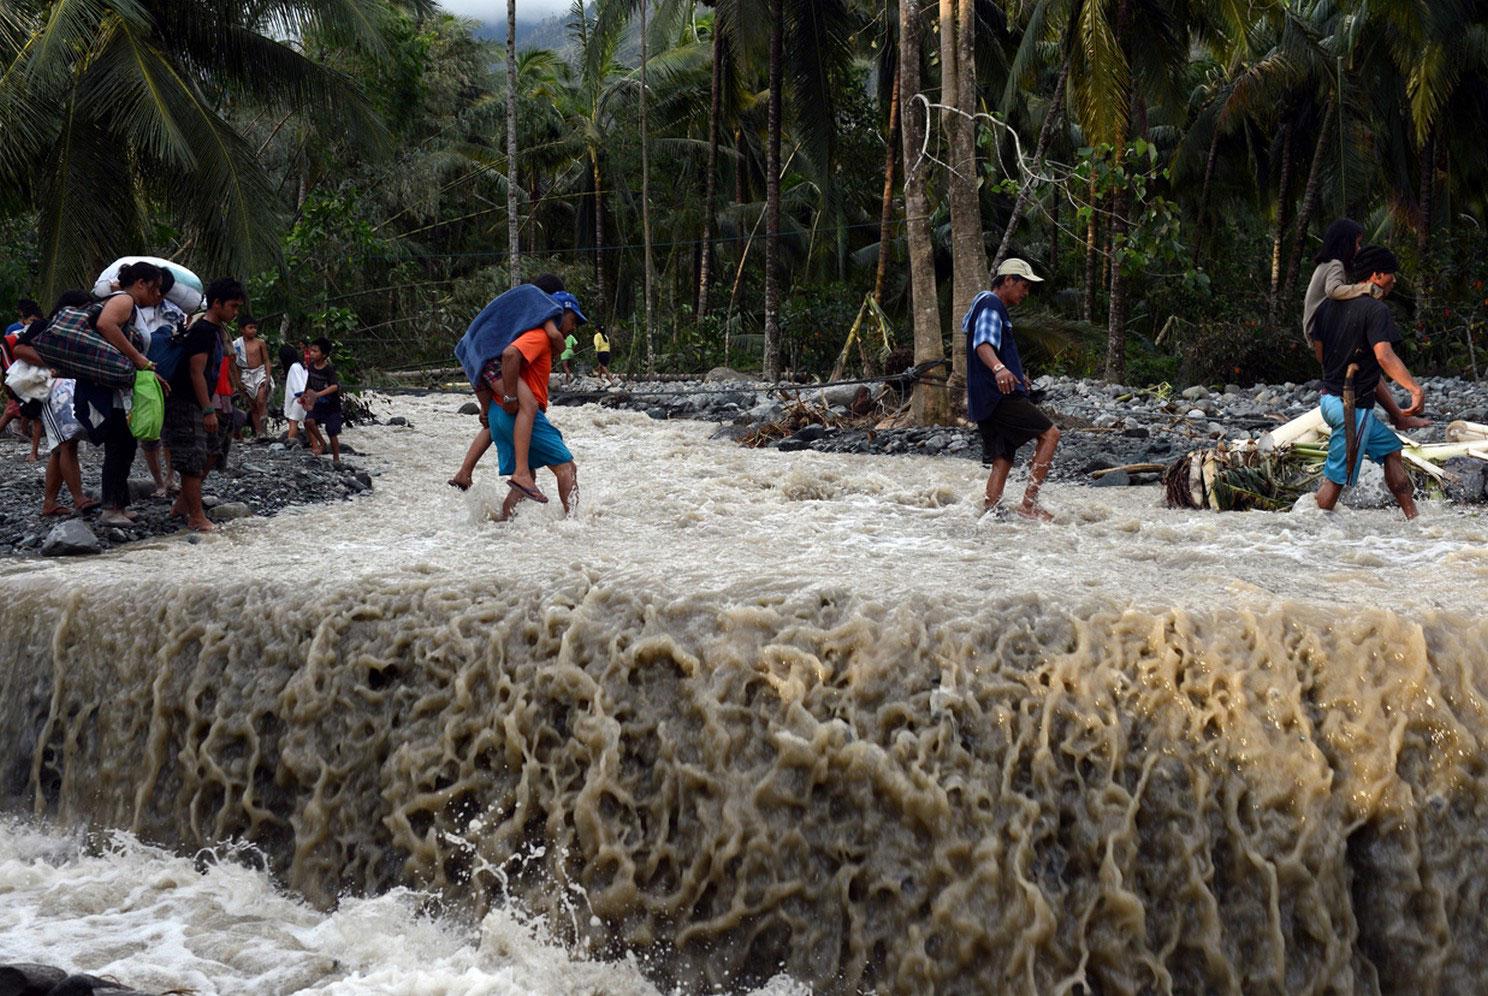 размытая дорога на Филиппинах после наводнения